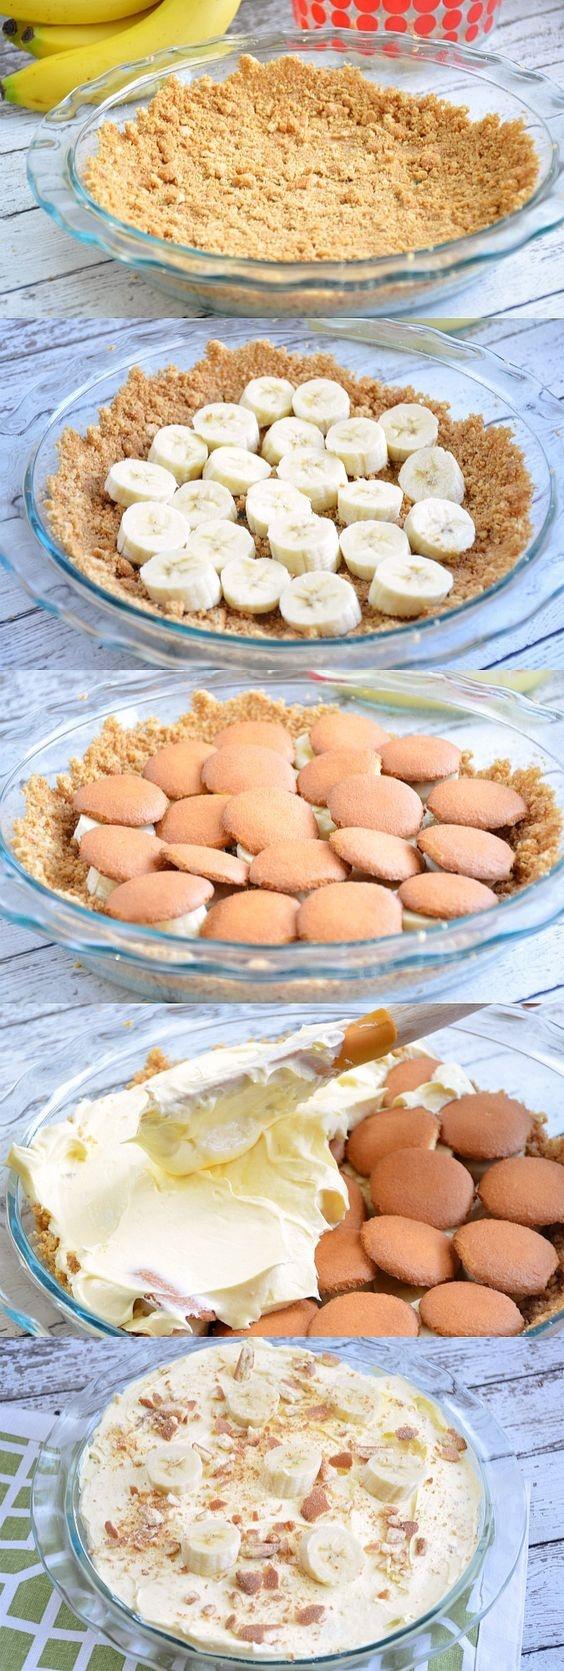 pie-crackers